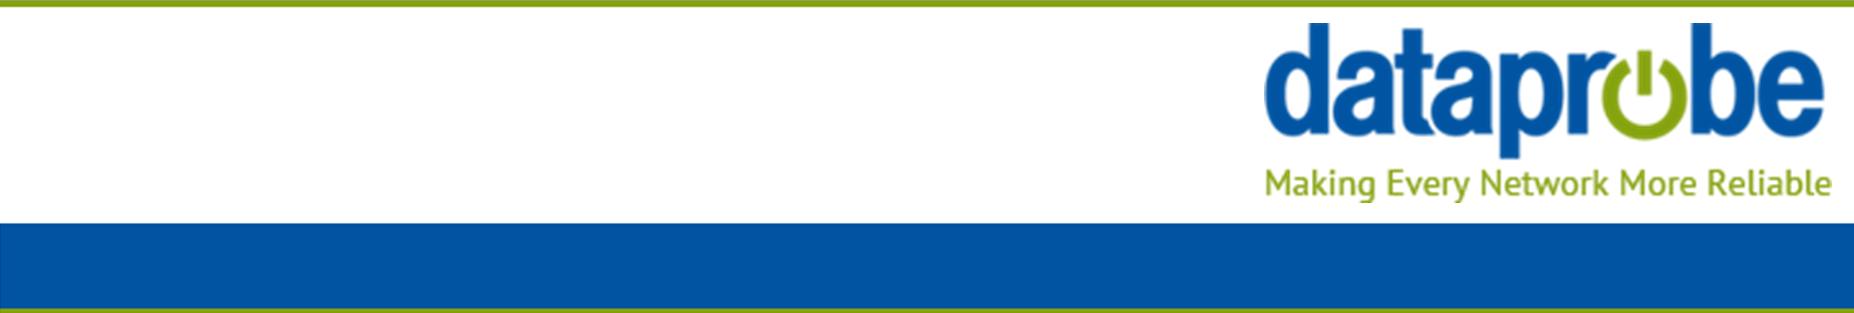 dataprobe banner